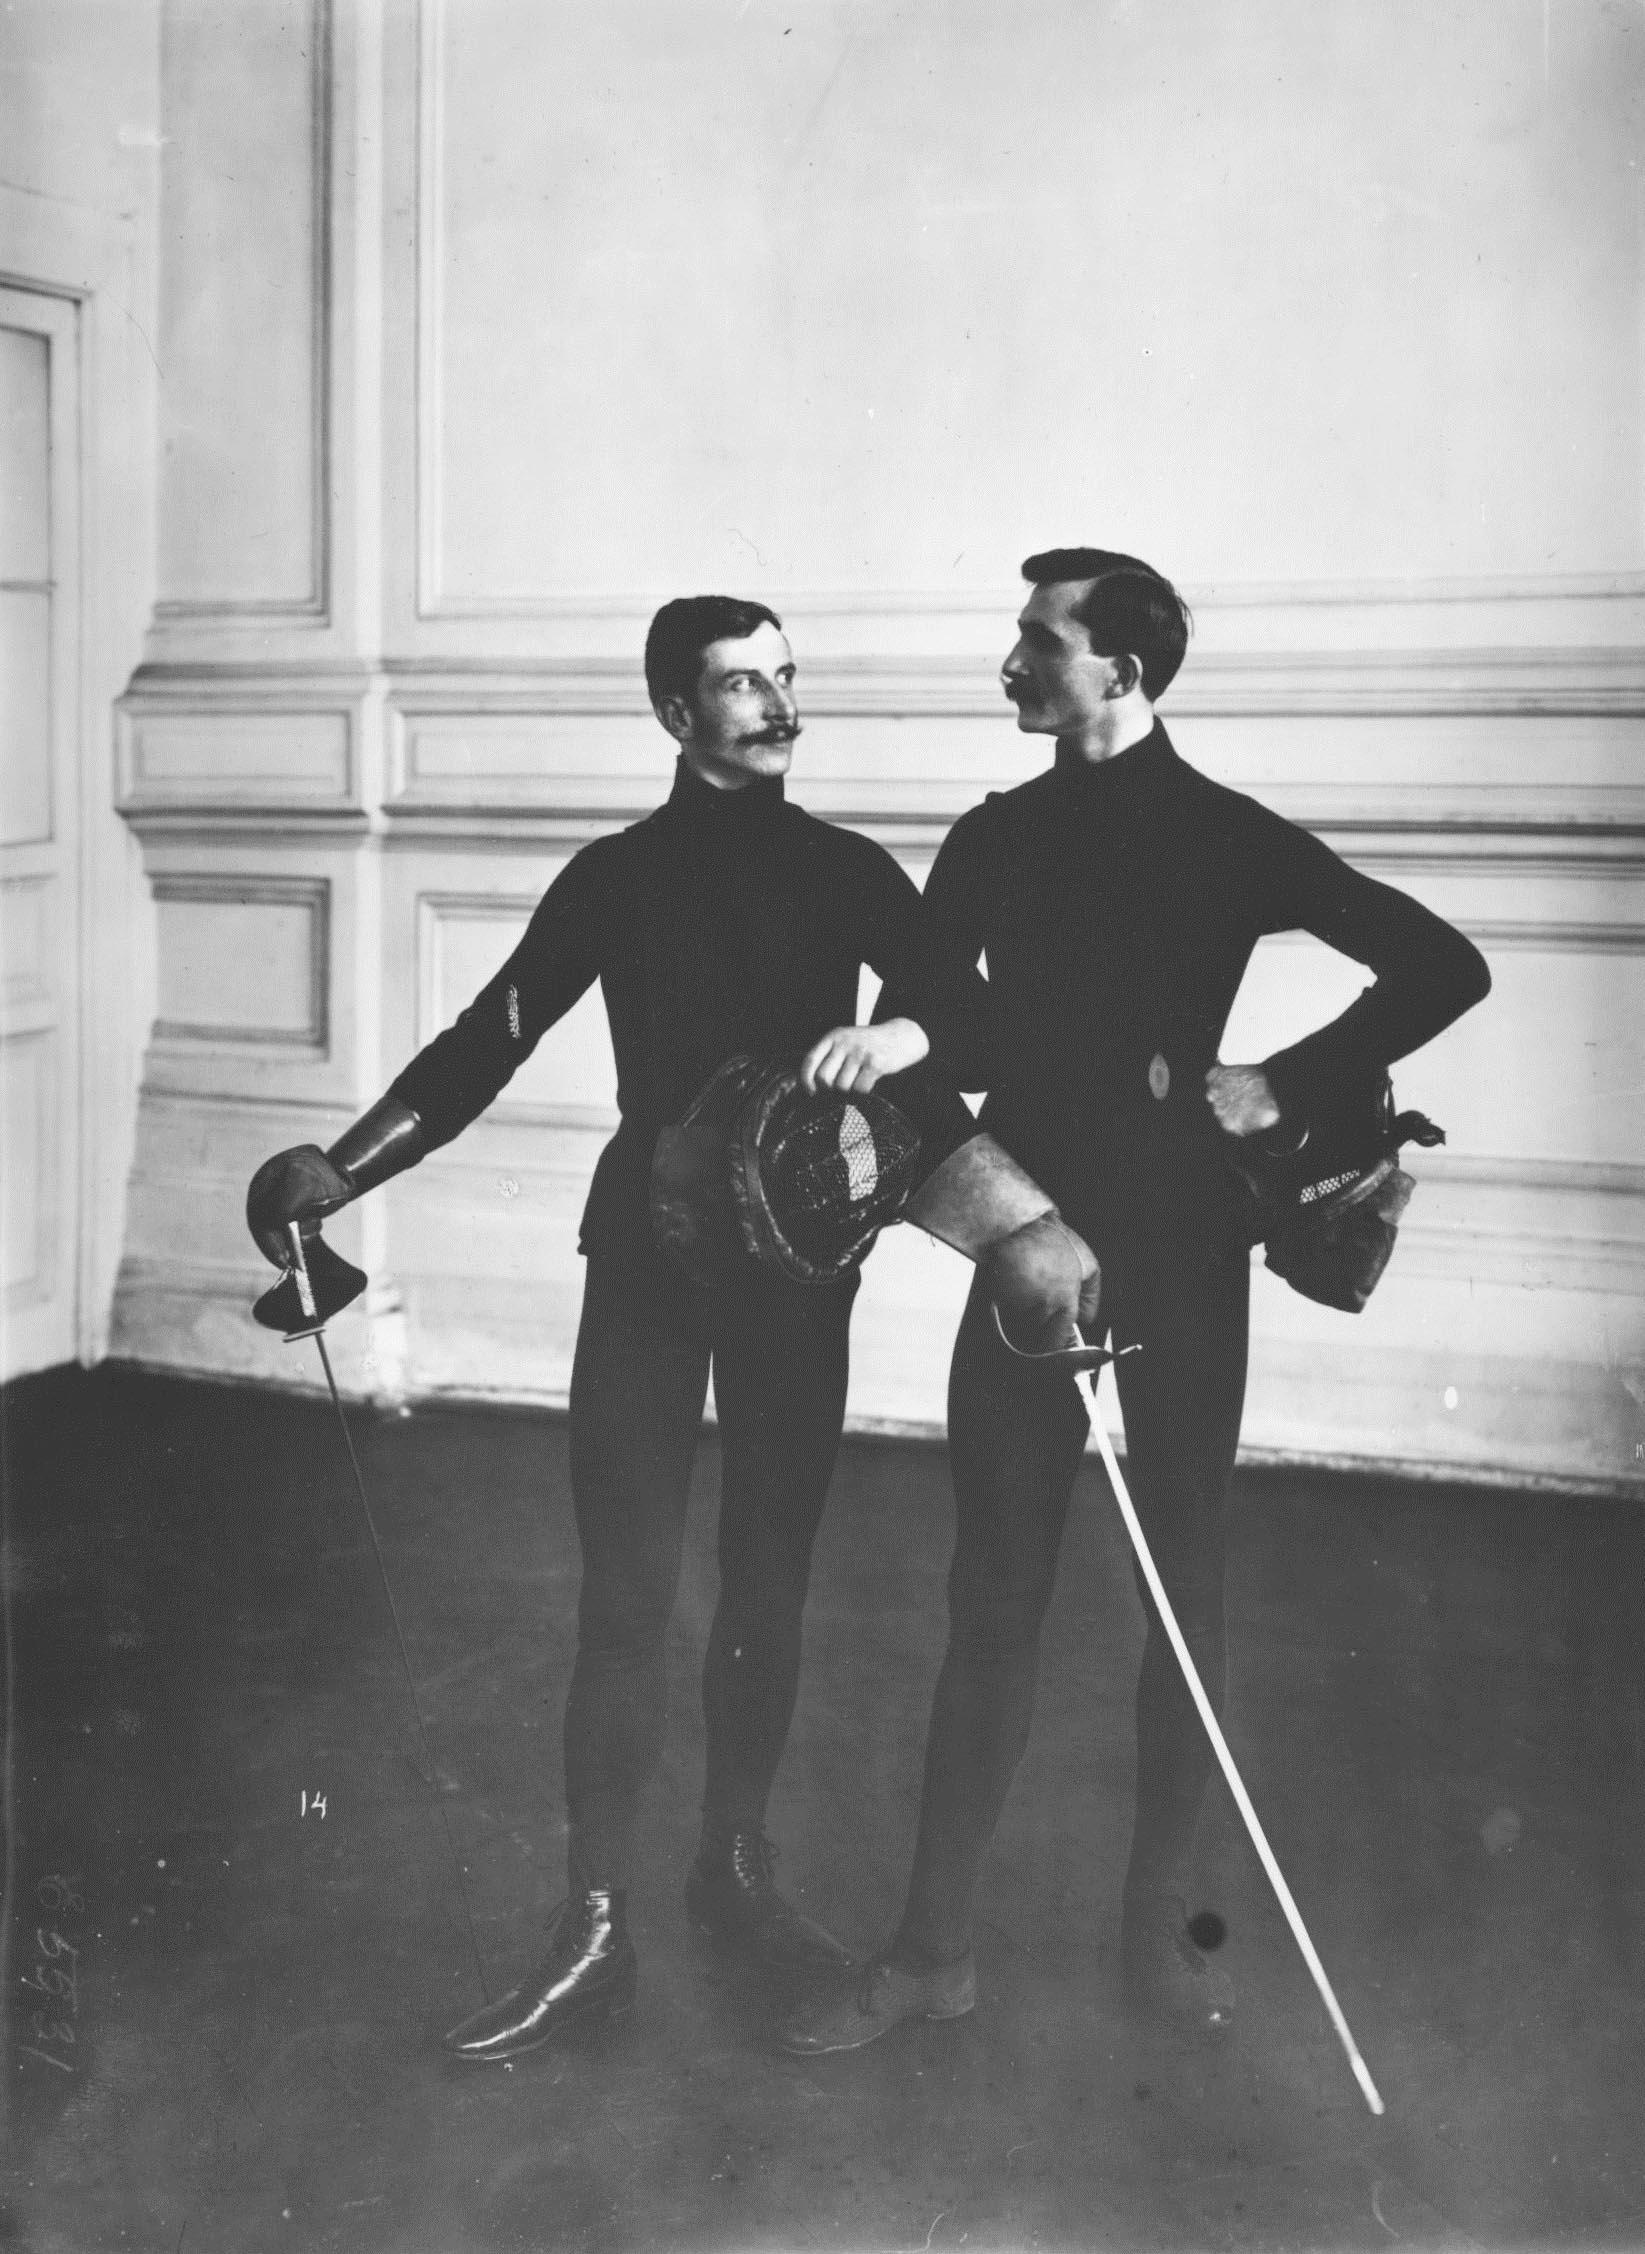 Члены фехтовальной группы. Петербург, 1907.